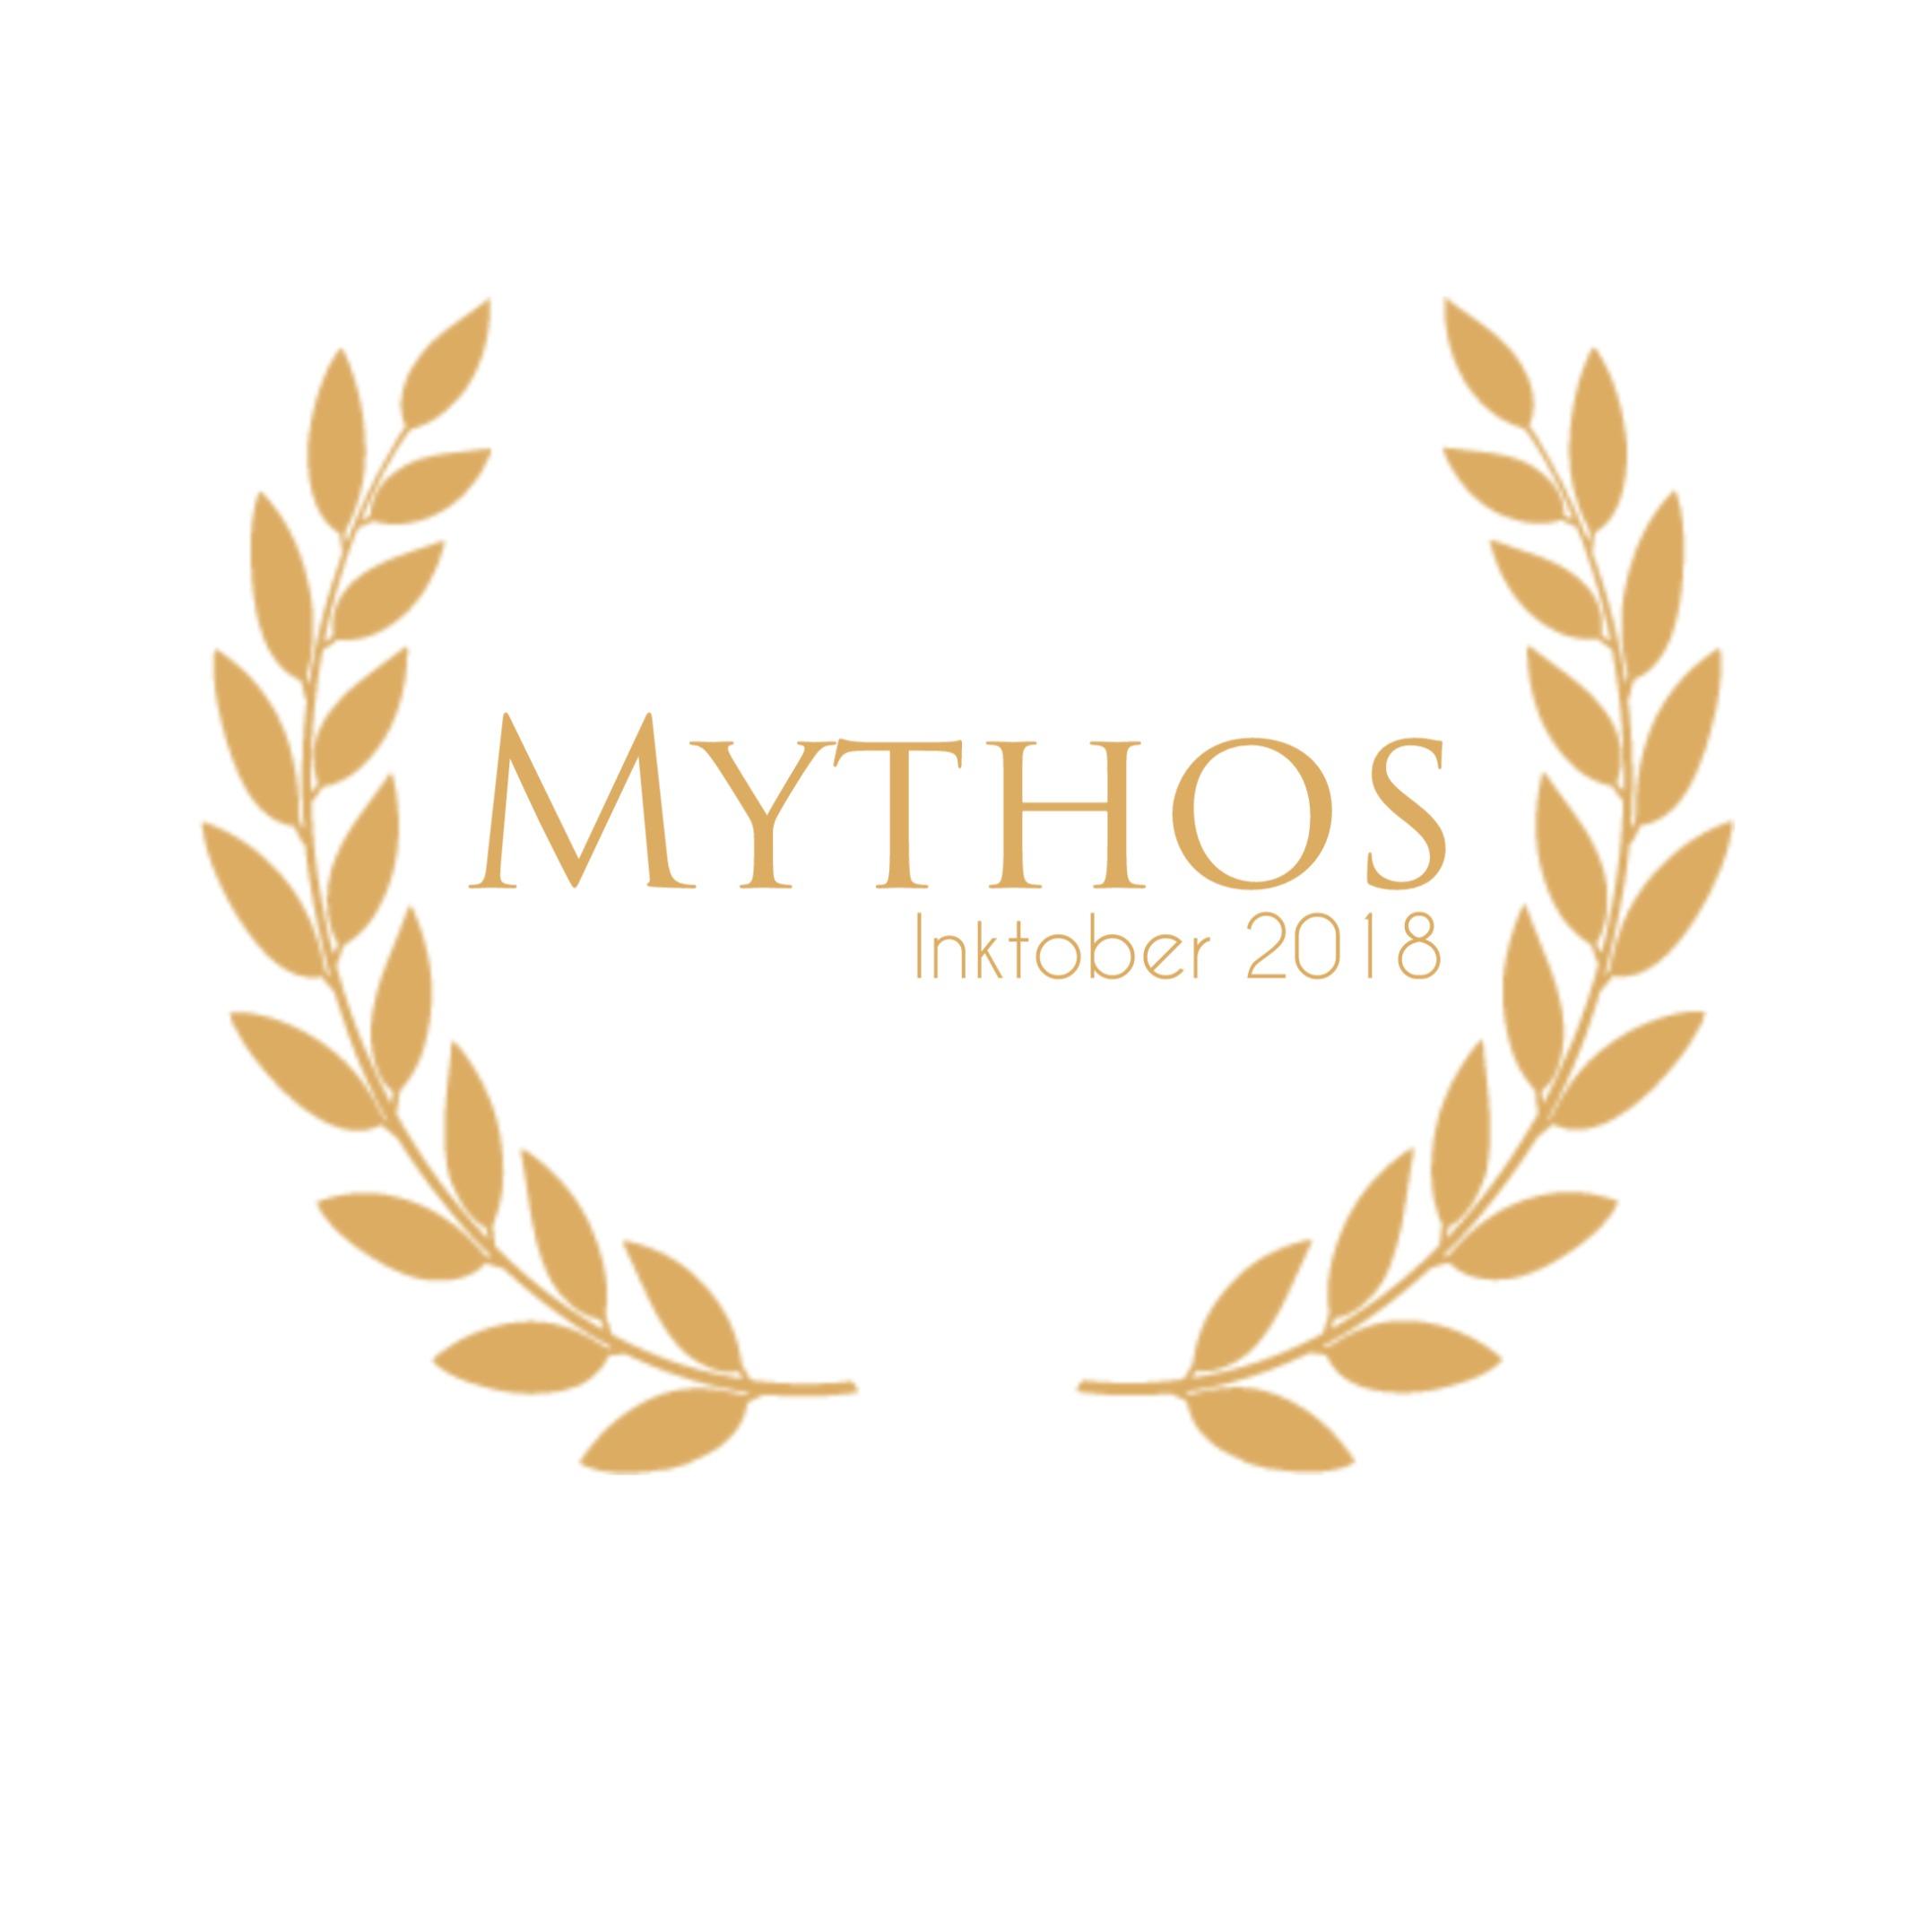 Mythos: Inktober 2018